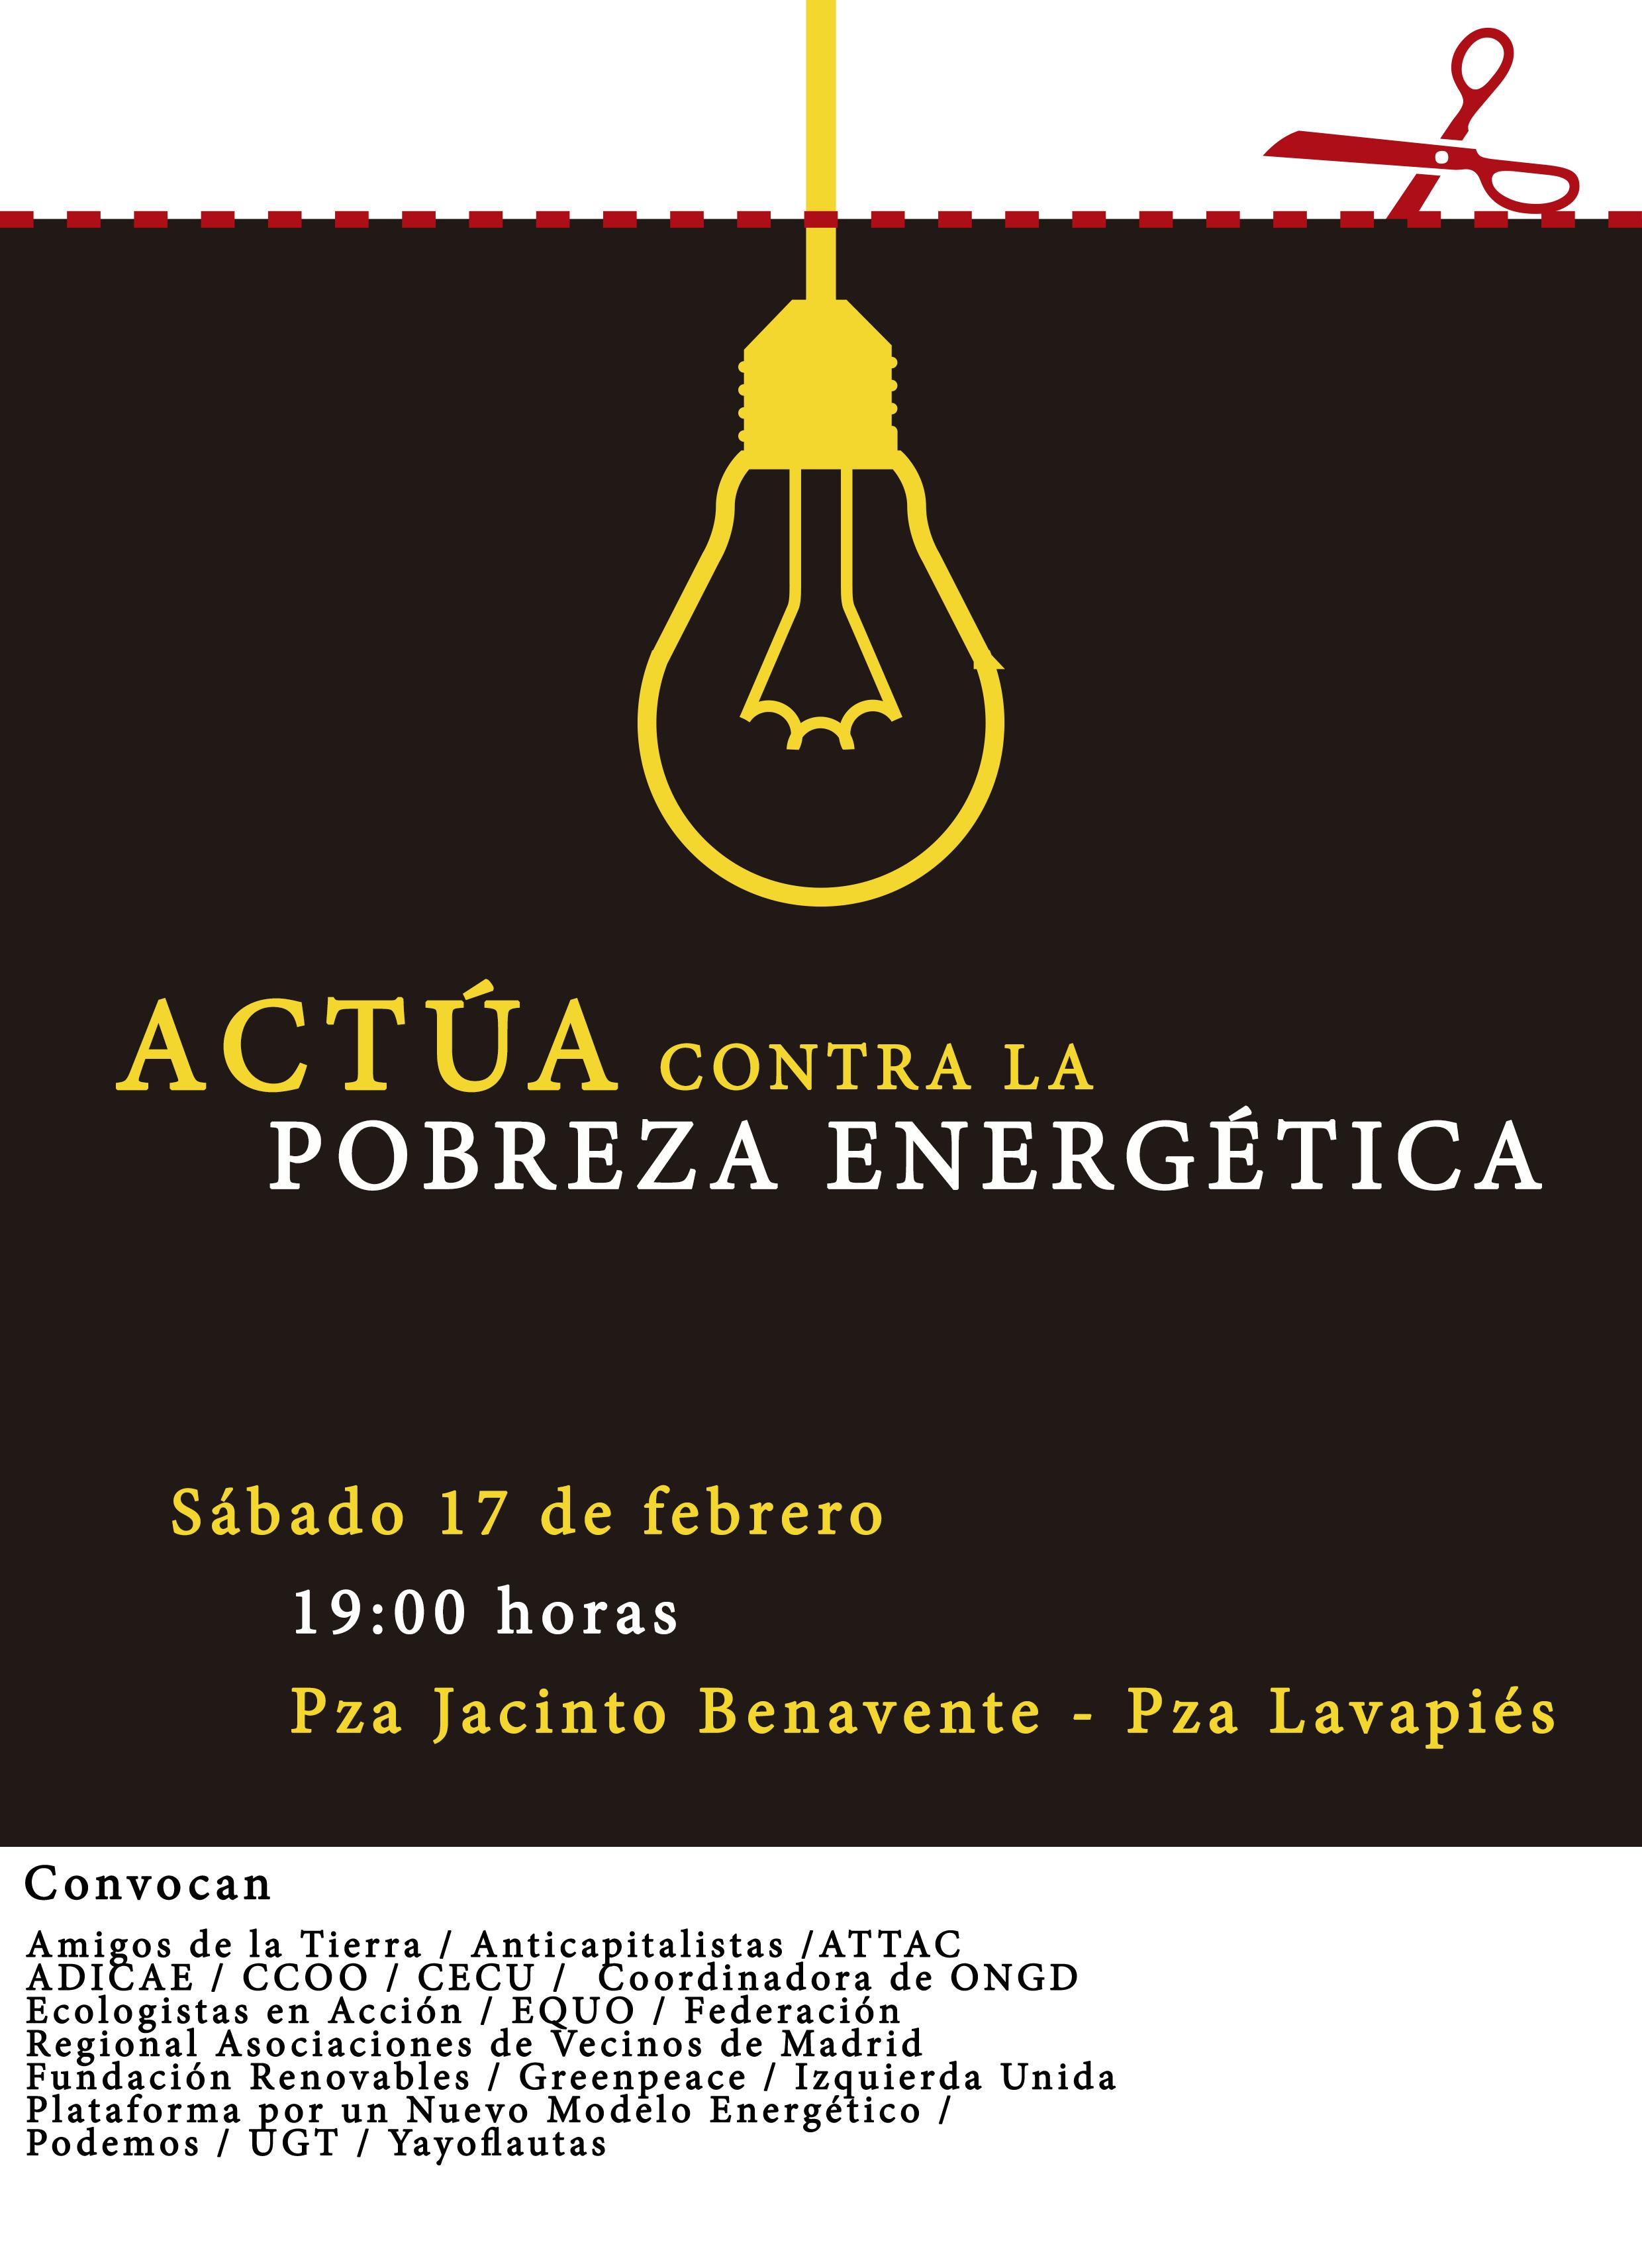 Ir a Madrid: Actúa contra la Pobreza Energética